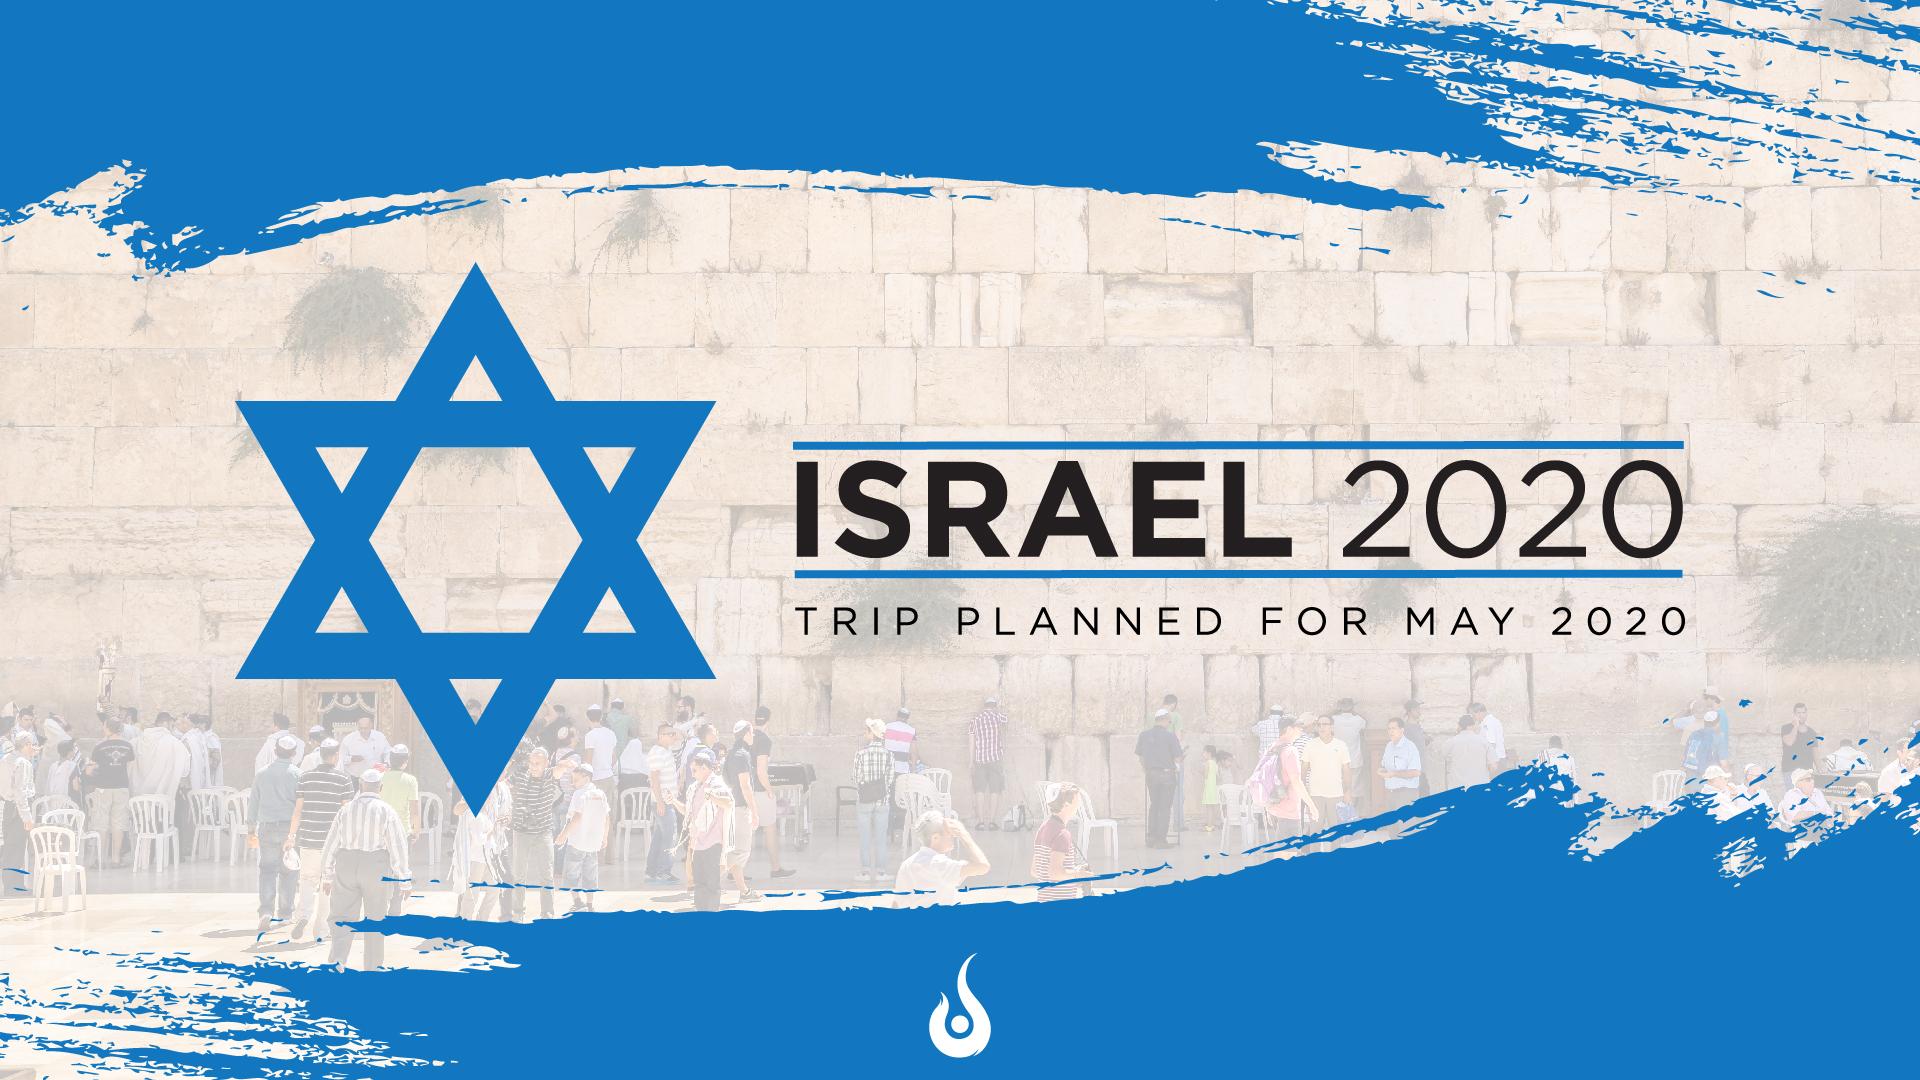 ISRAEL-2020-01.jpg